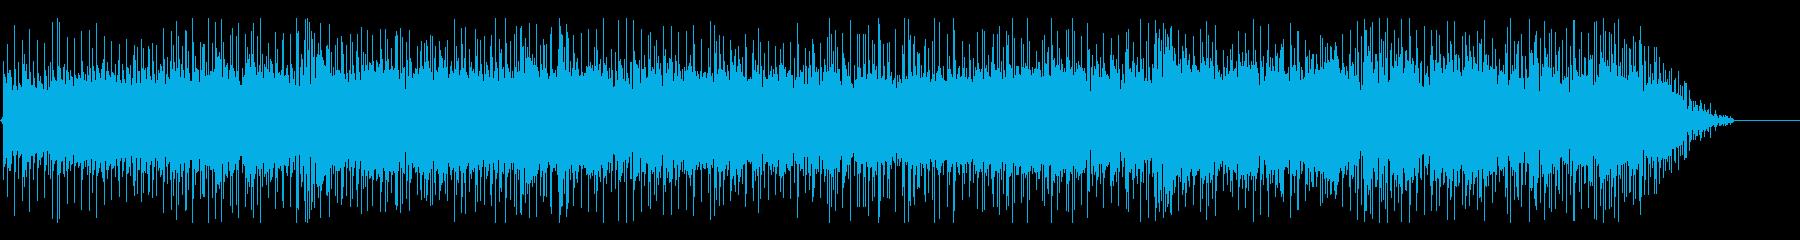 カントリーインストゥルメンタル。 ...の再生済みの波形